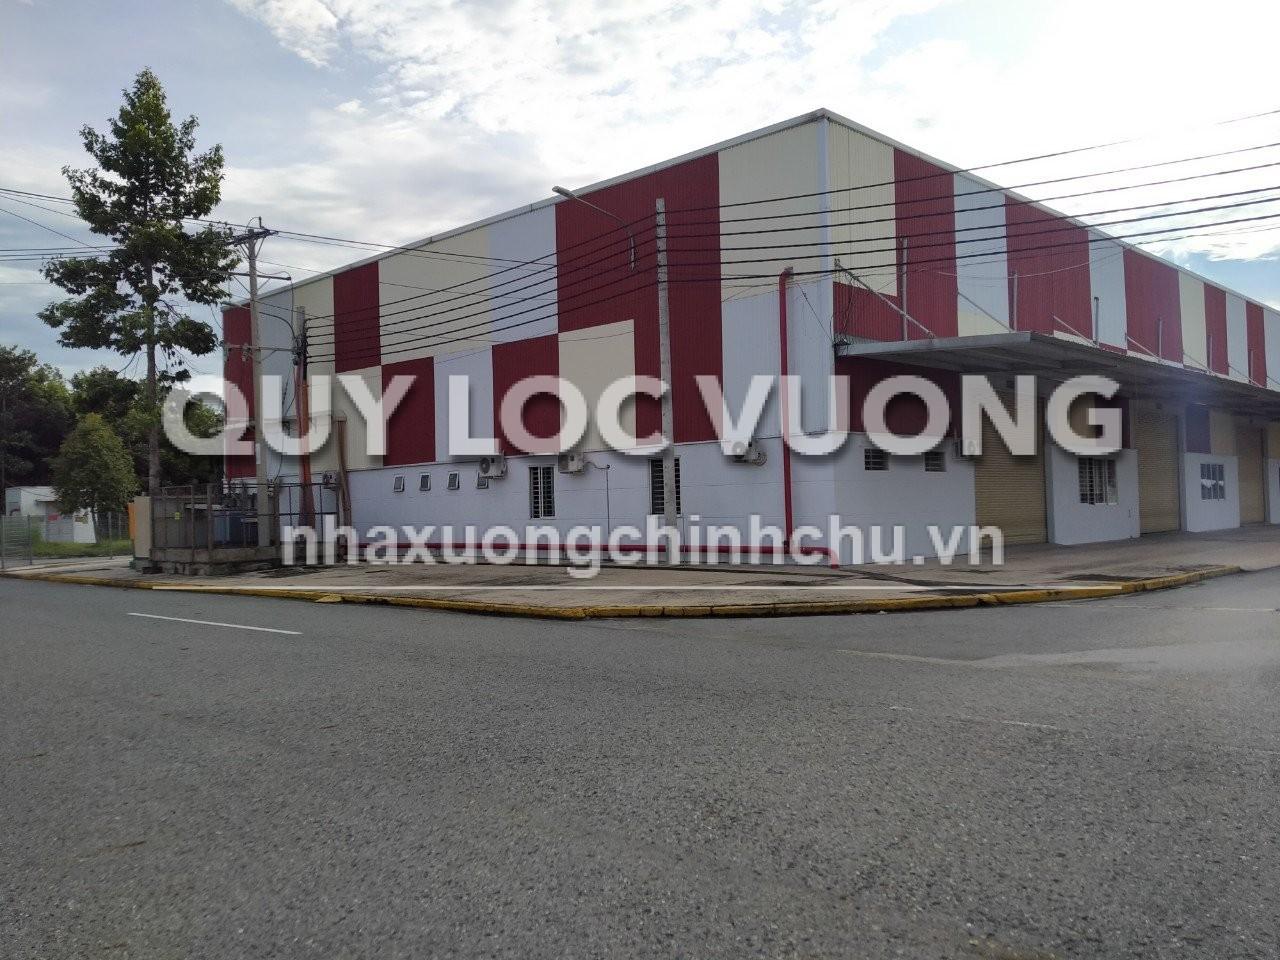 Cho thuê xưởng sản xuất 2.700m2 ở Bàu Bàng Bình Dương, có văn phòng